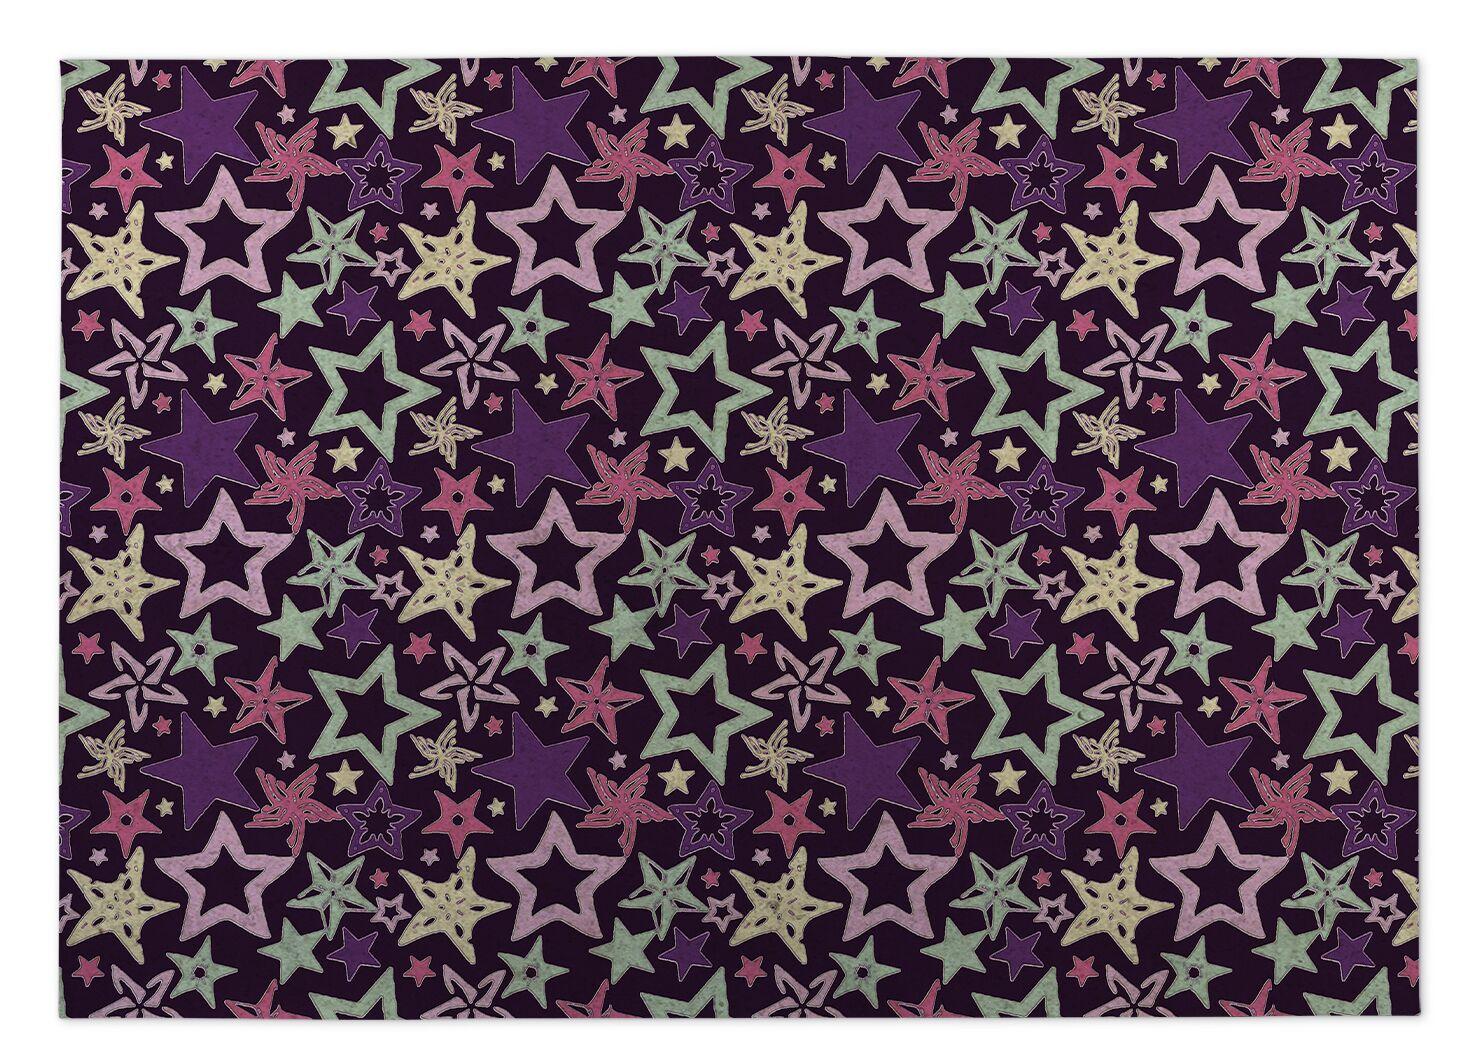 Kitchen Mat Mat Size: Rectangle 5' x 7'